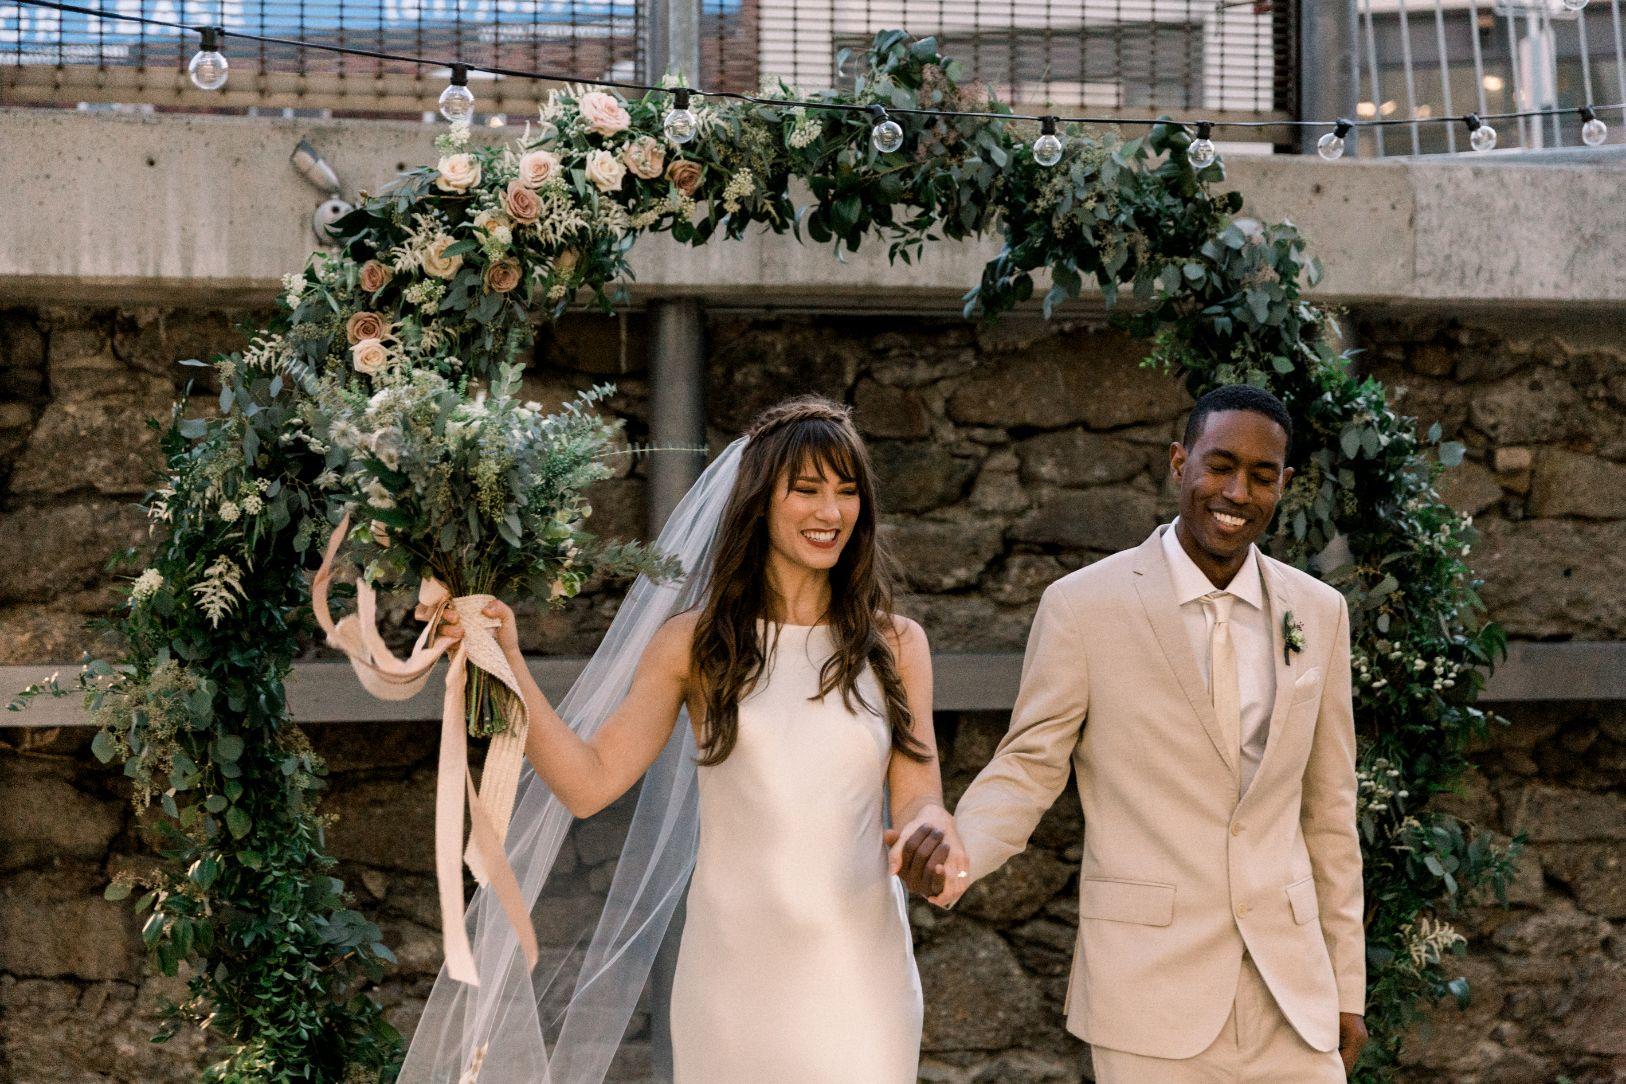 artists-for-humanity-industrial-bohemian-wedding-daylynn-designs203.jpg